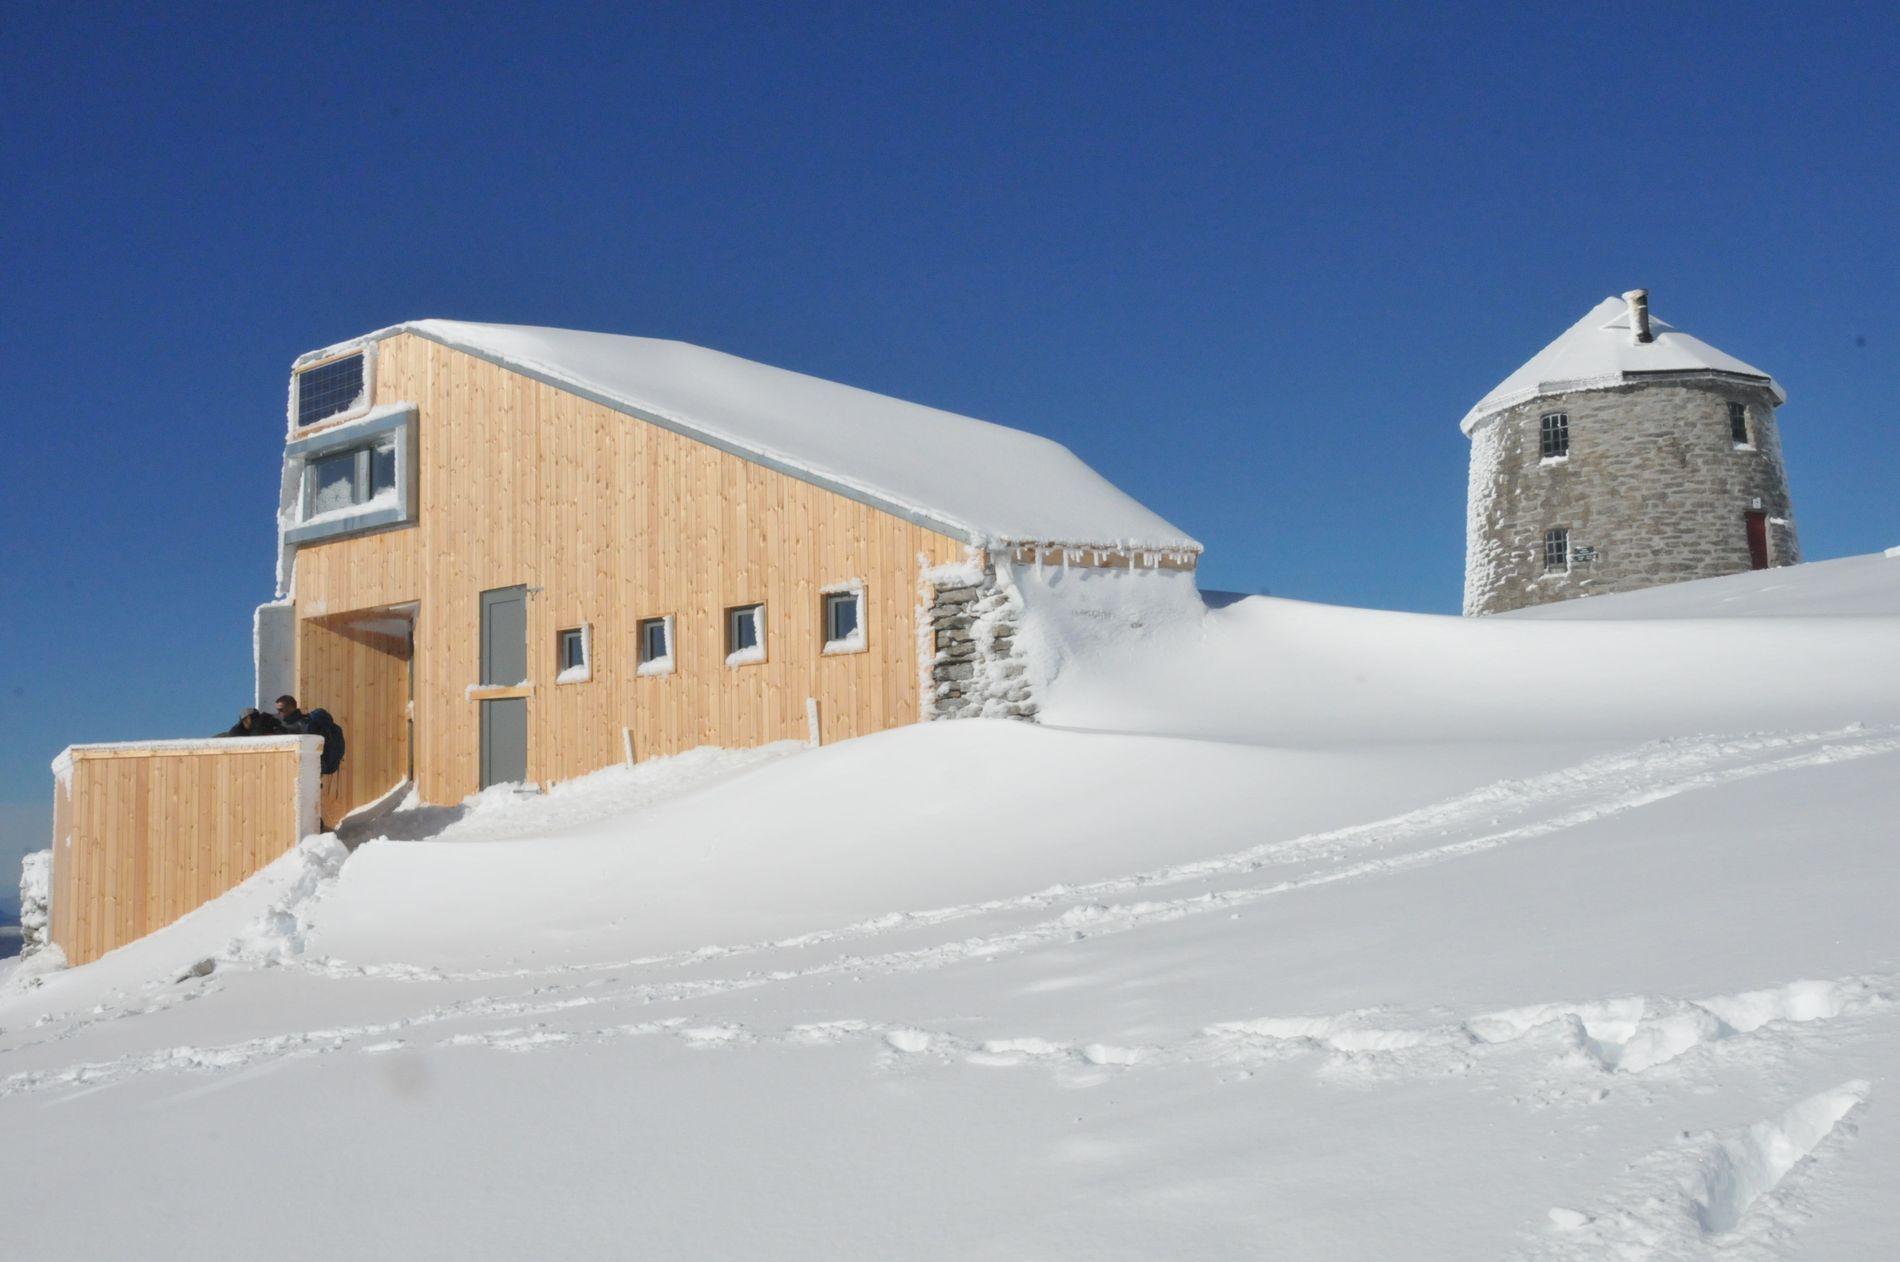 Turlaget Bergen Butikk